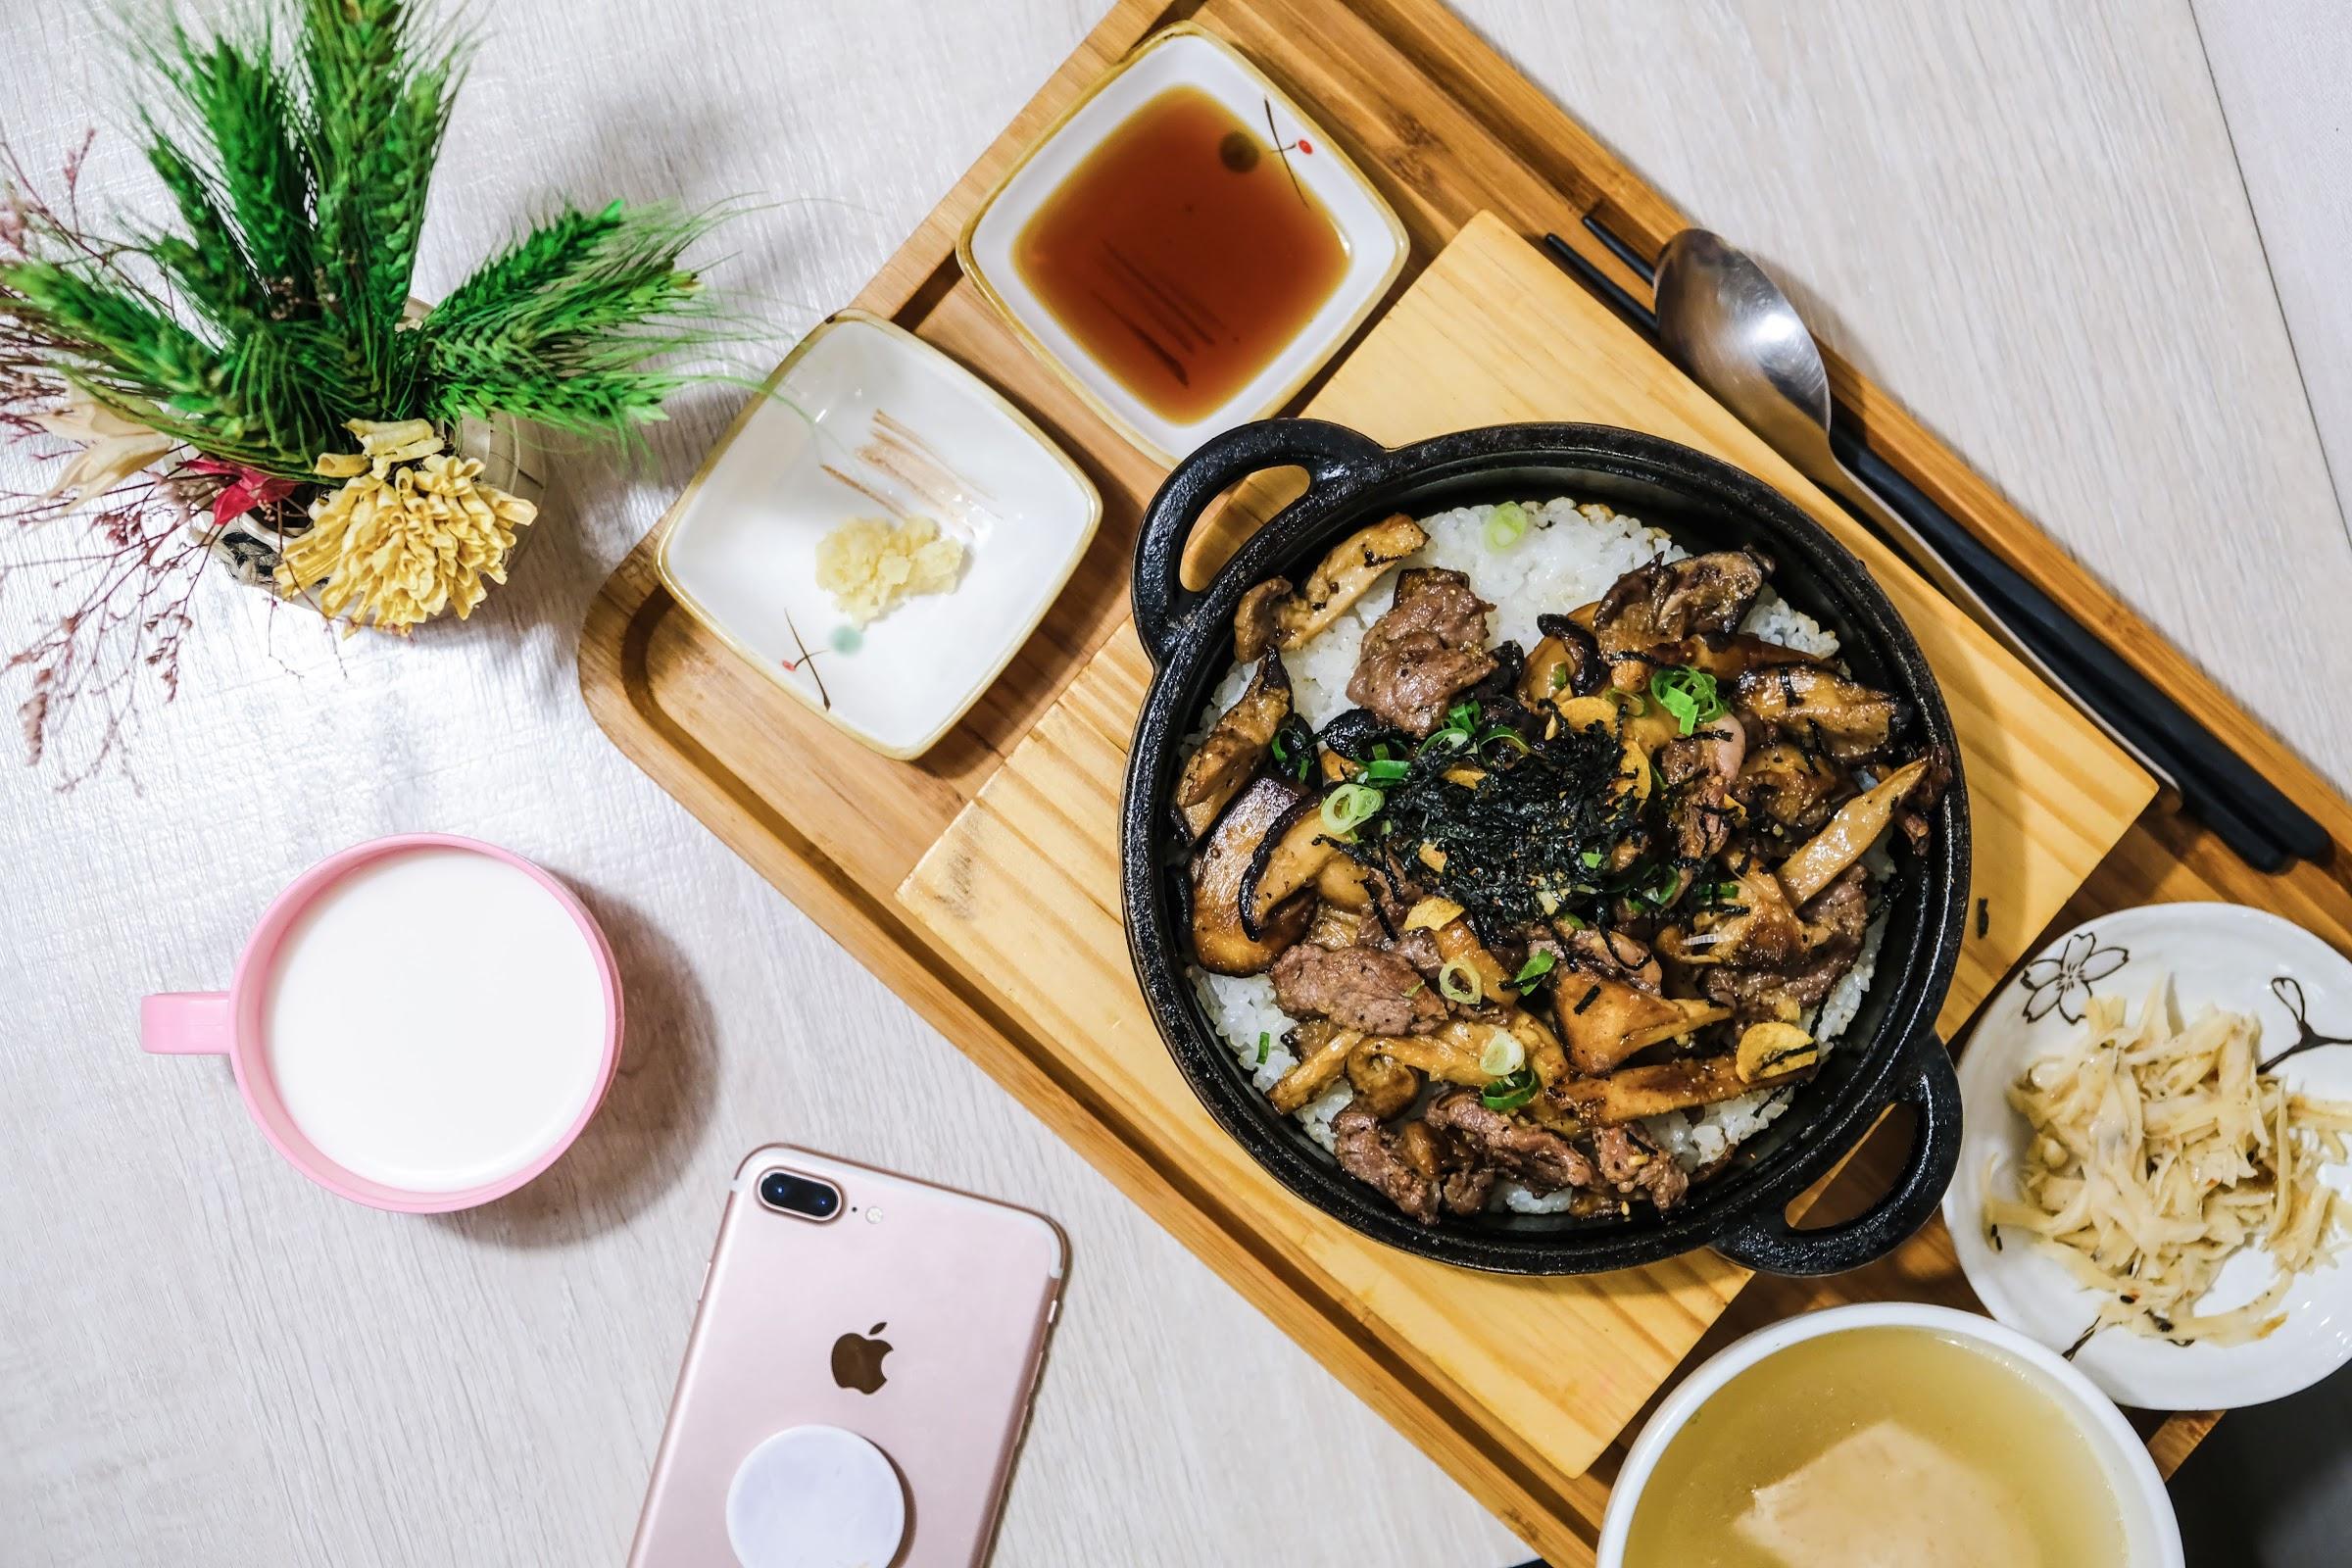 新竹美食|私嚐の吃飯,通過吃貨兒子的考驗!爸媽都大滿足的新竹市區親子餐廳/日式料理 〖食攝人生事務所〗